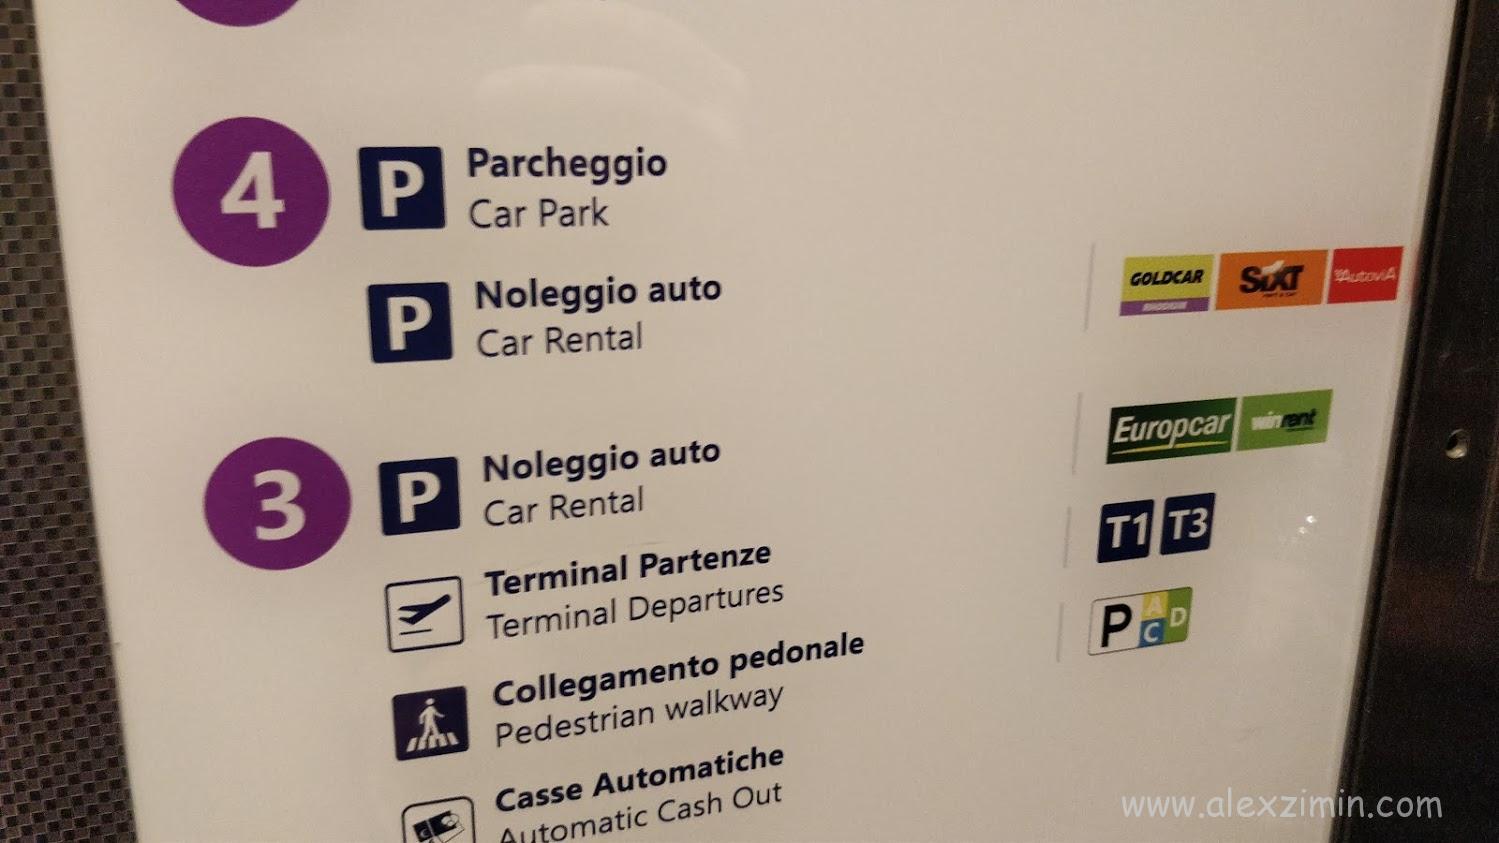 нахождение прокатчиков в паркинге В аэропорта Фьюмичино